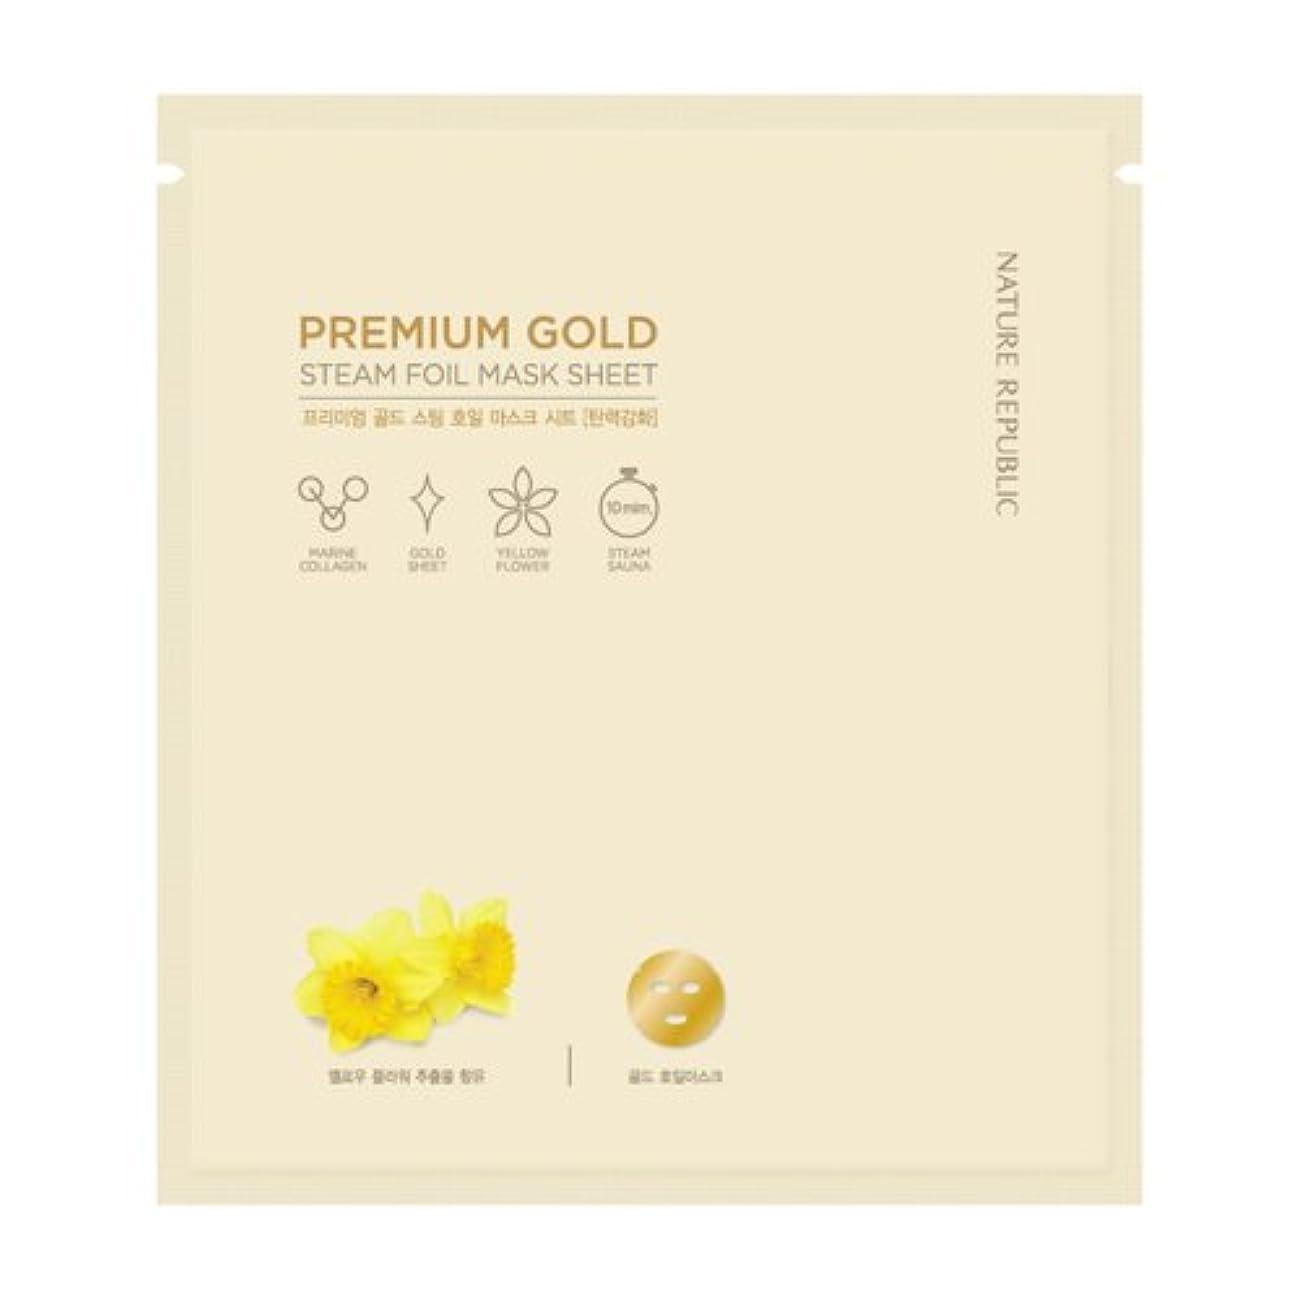 落とし穴交流するハードウェアNature Republic Premium Gold Steam Foil Mask Sheet [5ea] ネーチャーリパブリック プレミアムゴールドスチームホイルマスクシート [5枚] [並行輸入品]